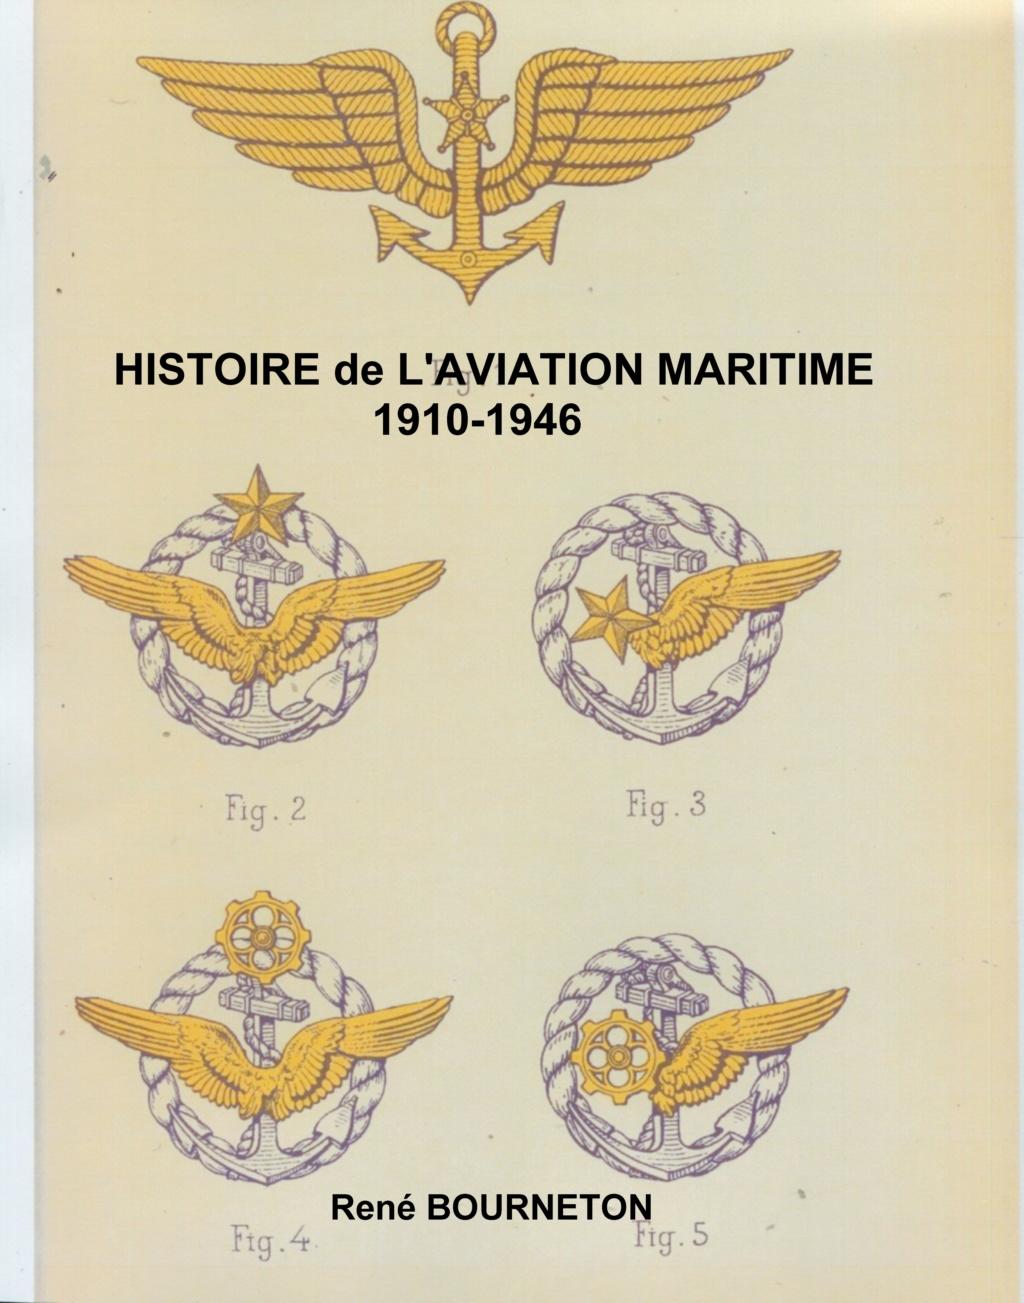 [ Aéronavale divers ] Aviation navale ? - Page 2 01-cou11